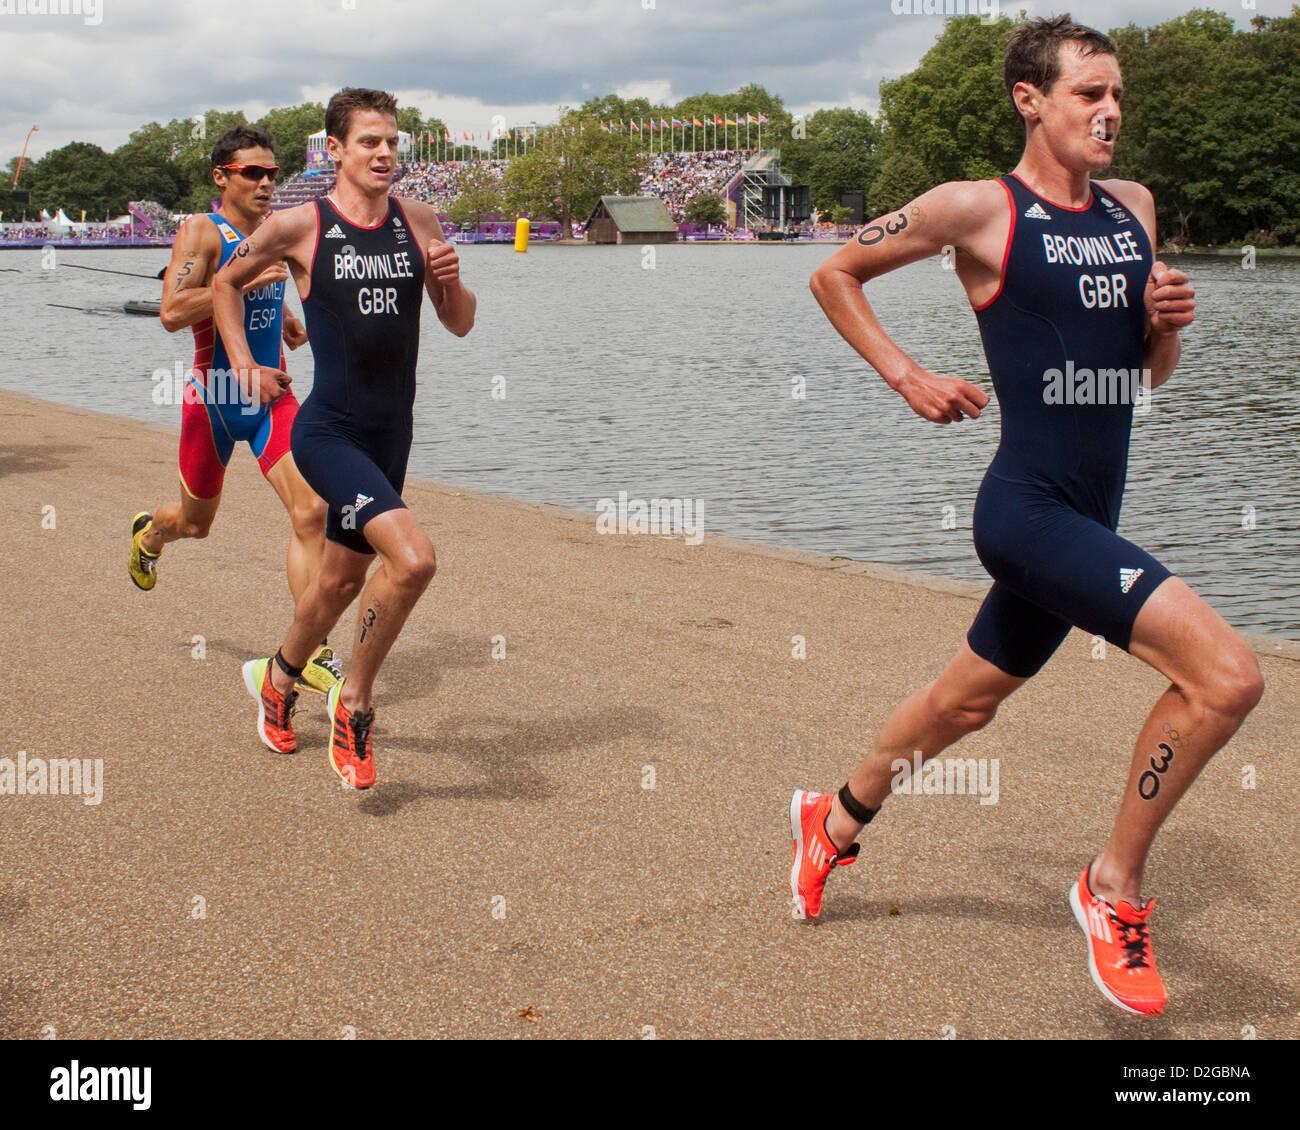 Alistair Brownlee, Jonathan Brownlee and Javier Gomez racing - 2012 London Olympics Men's Triathlon, Hyde Park - Stock Image